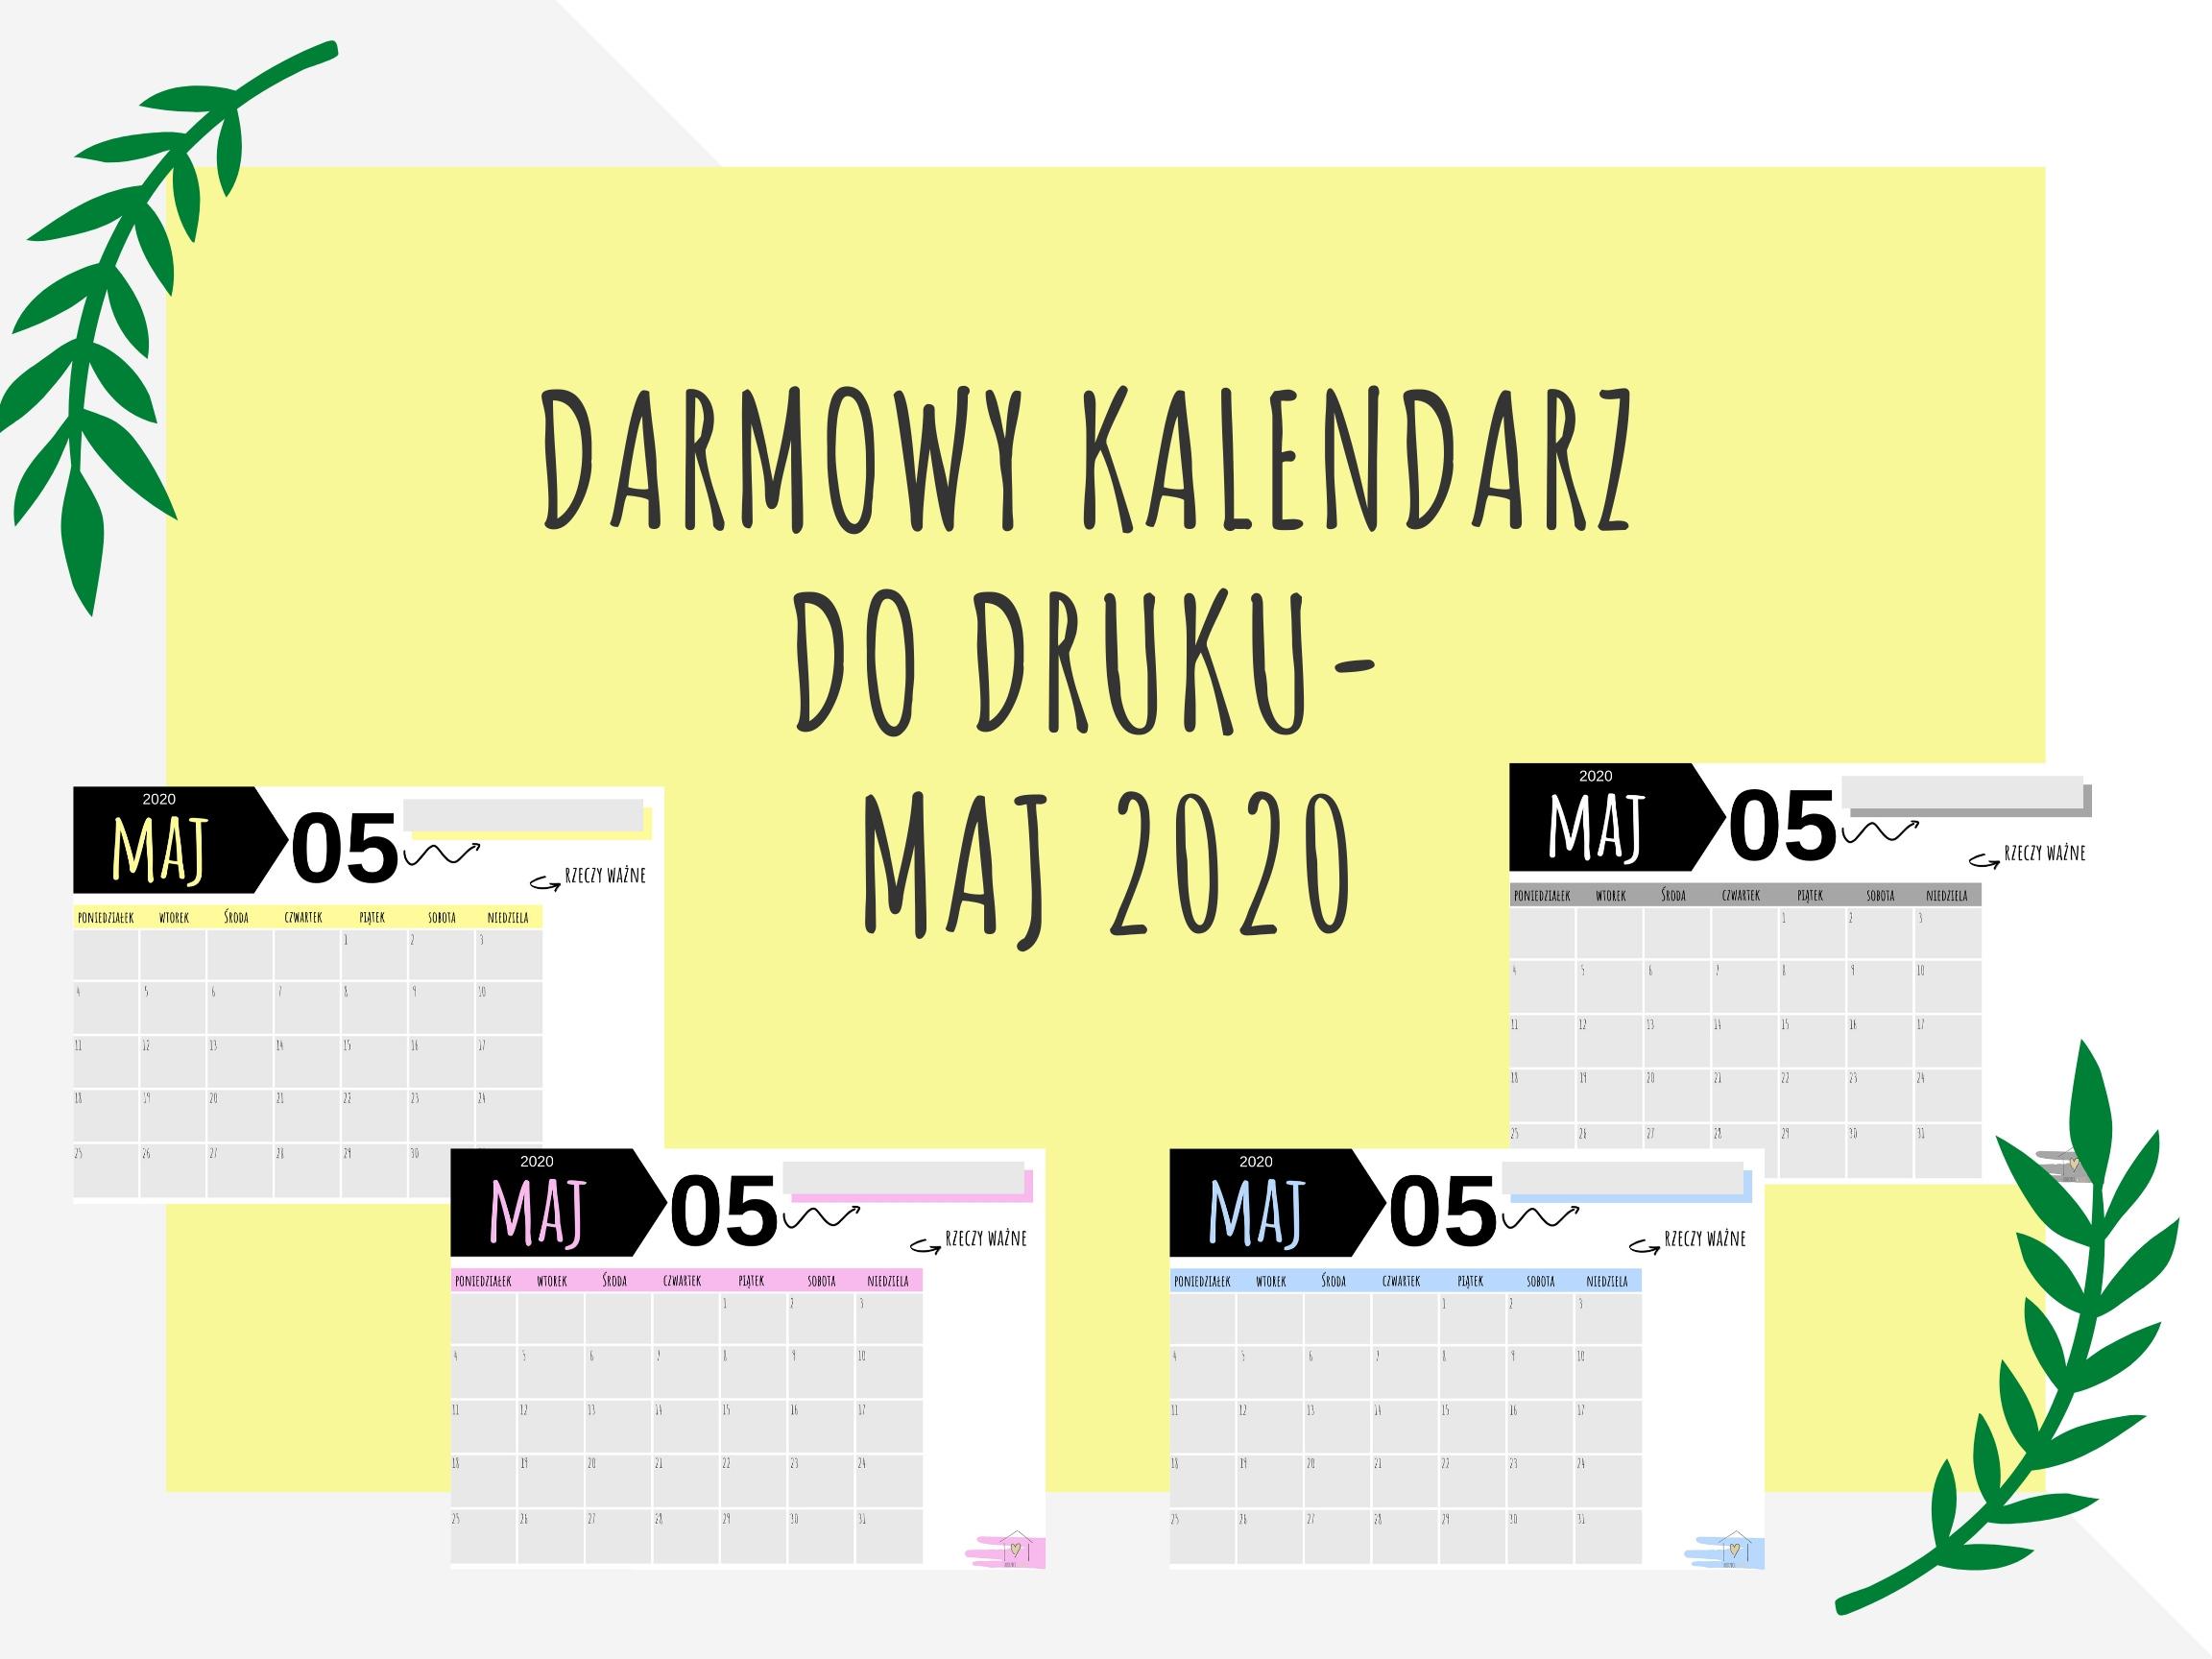 Darmowy kalendarz na MAJ 2020 do druku- pobierz, drukuj, planuj!